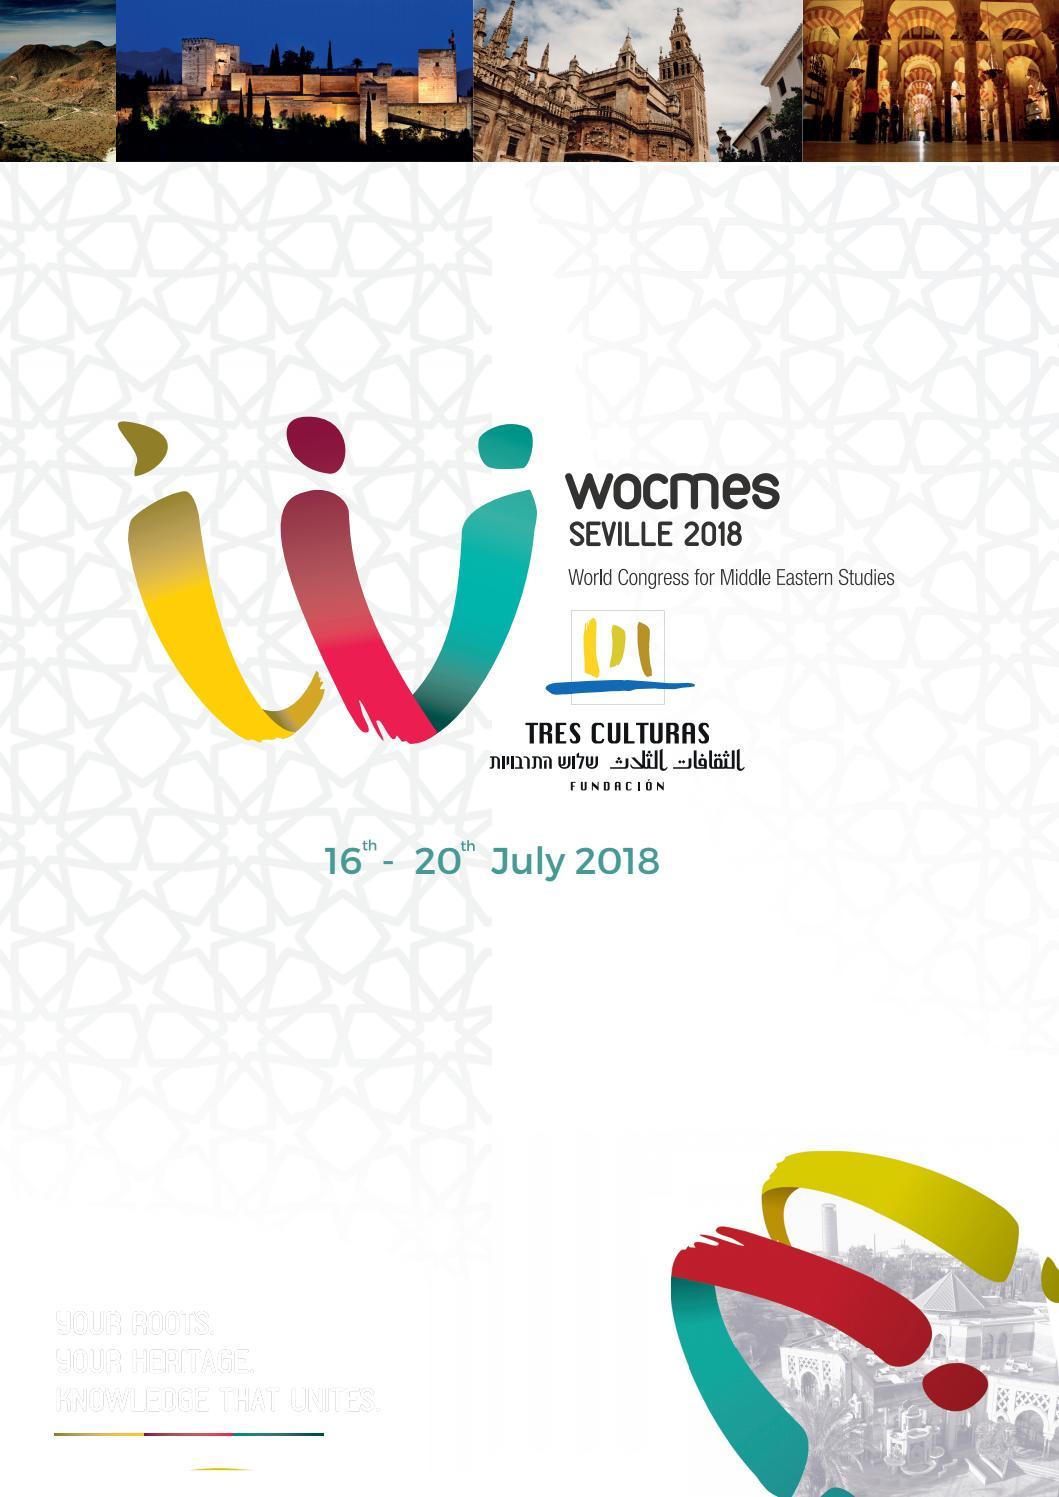 Comment Faire Des Badges Maison wocmes seville 2018 programfundación tres culturas - issuu